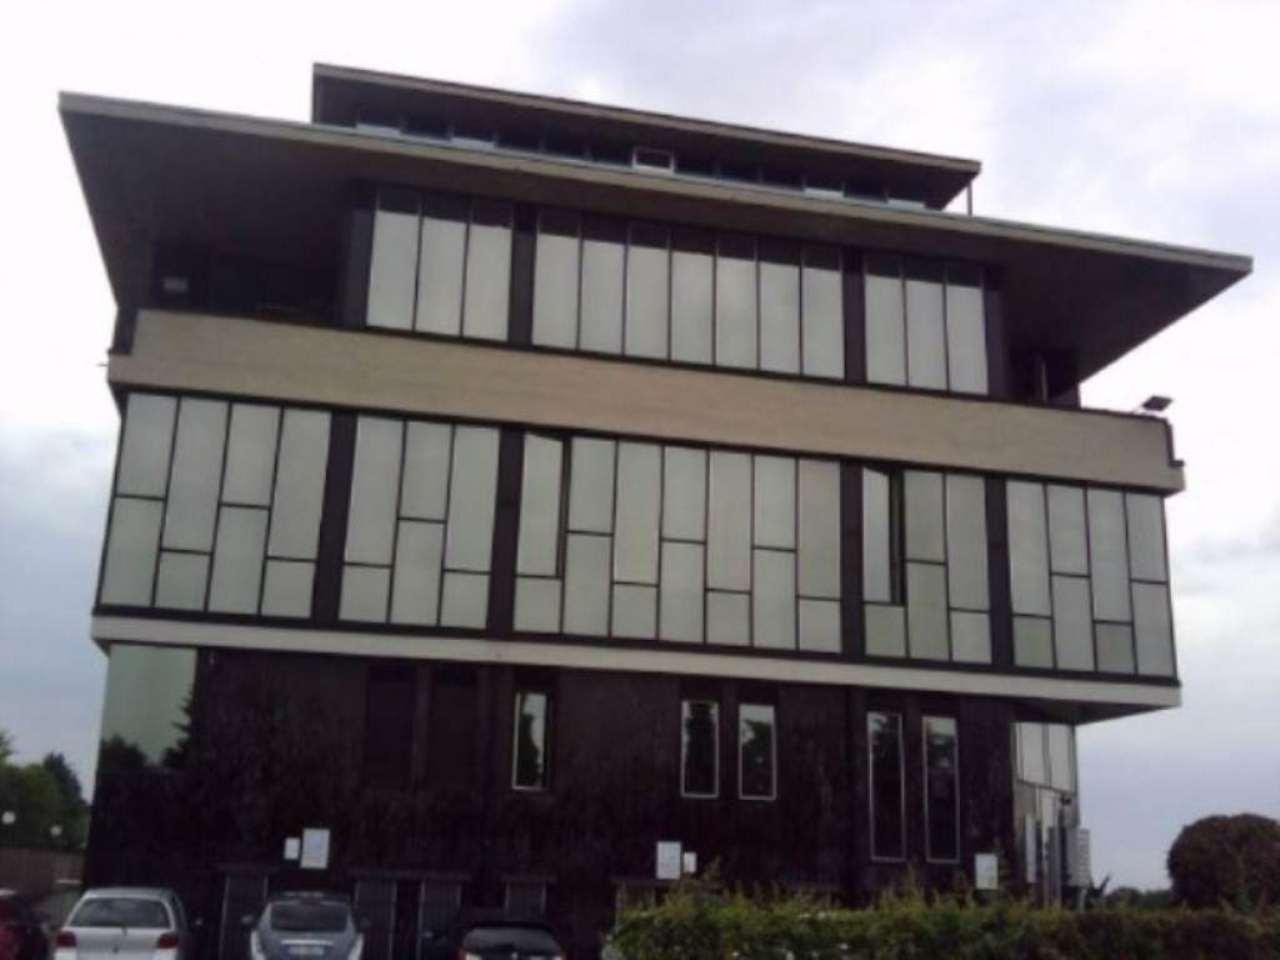 Ufficio / Studio in affitto a Carate Brianza, 5 locali, prezzo € 750 | Cambio Casa.it